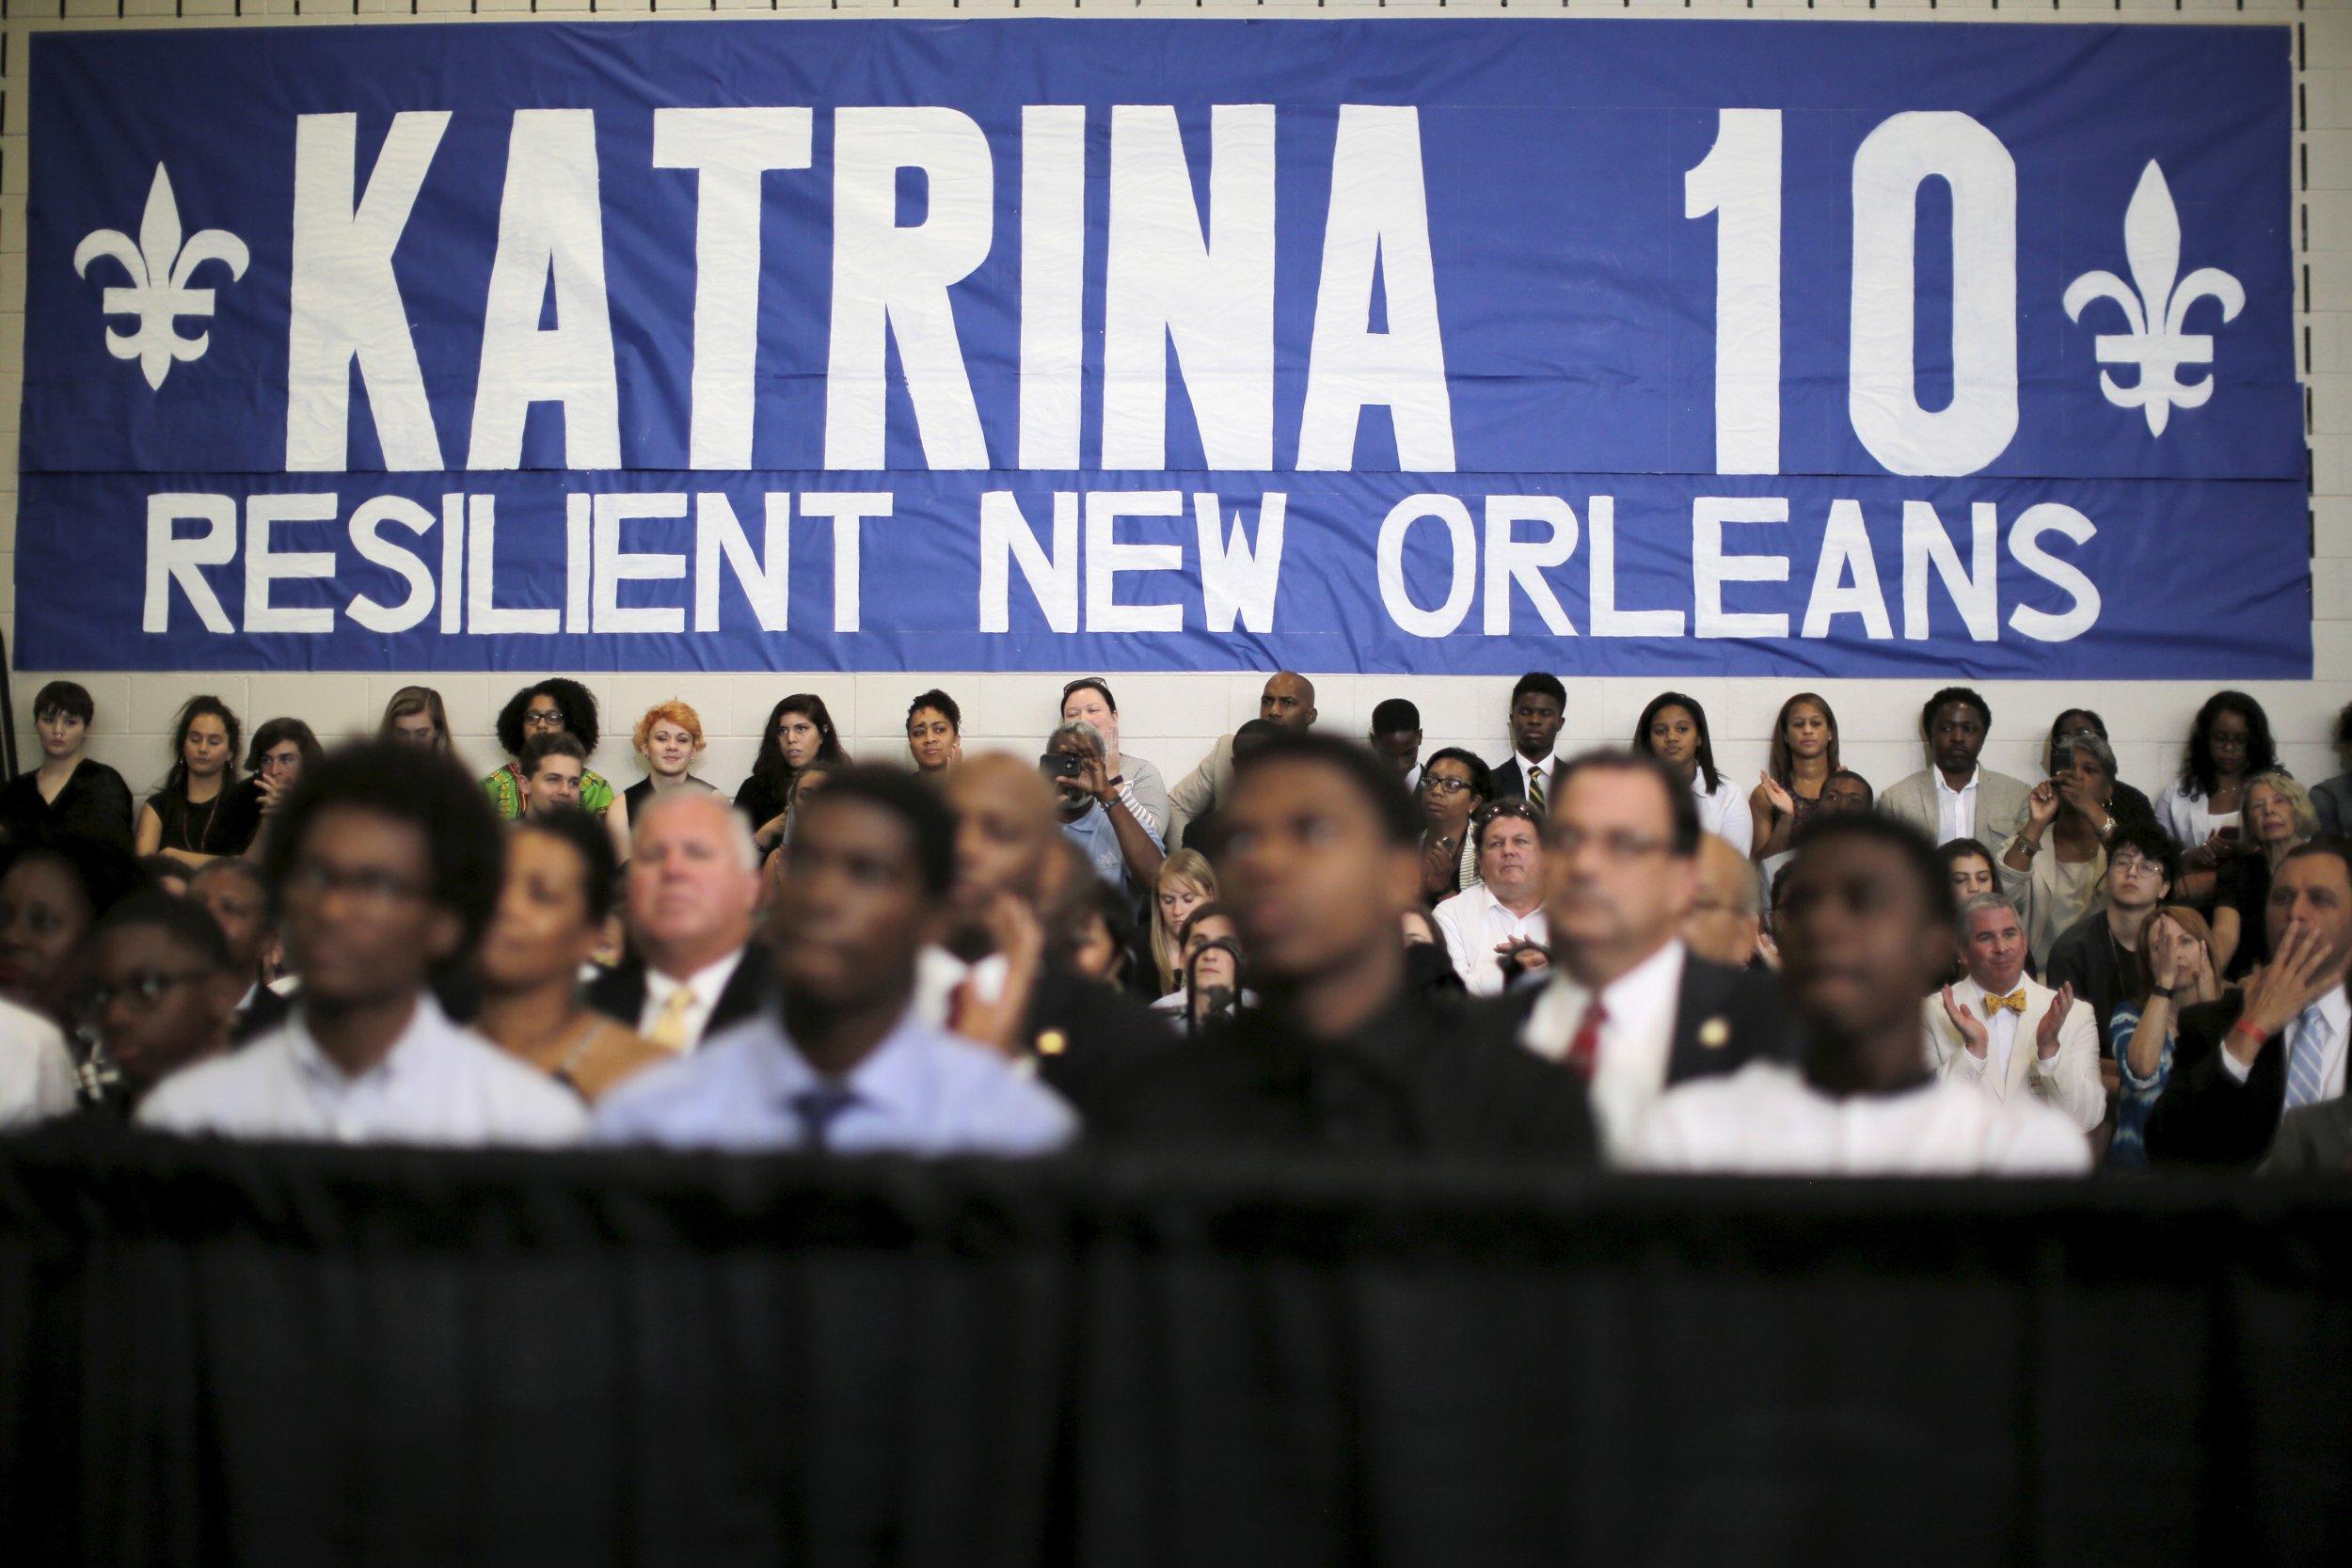 Katrina 10